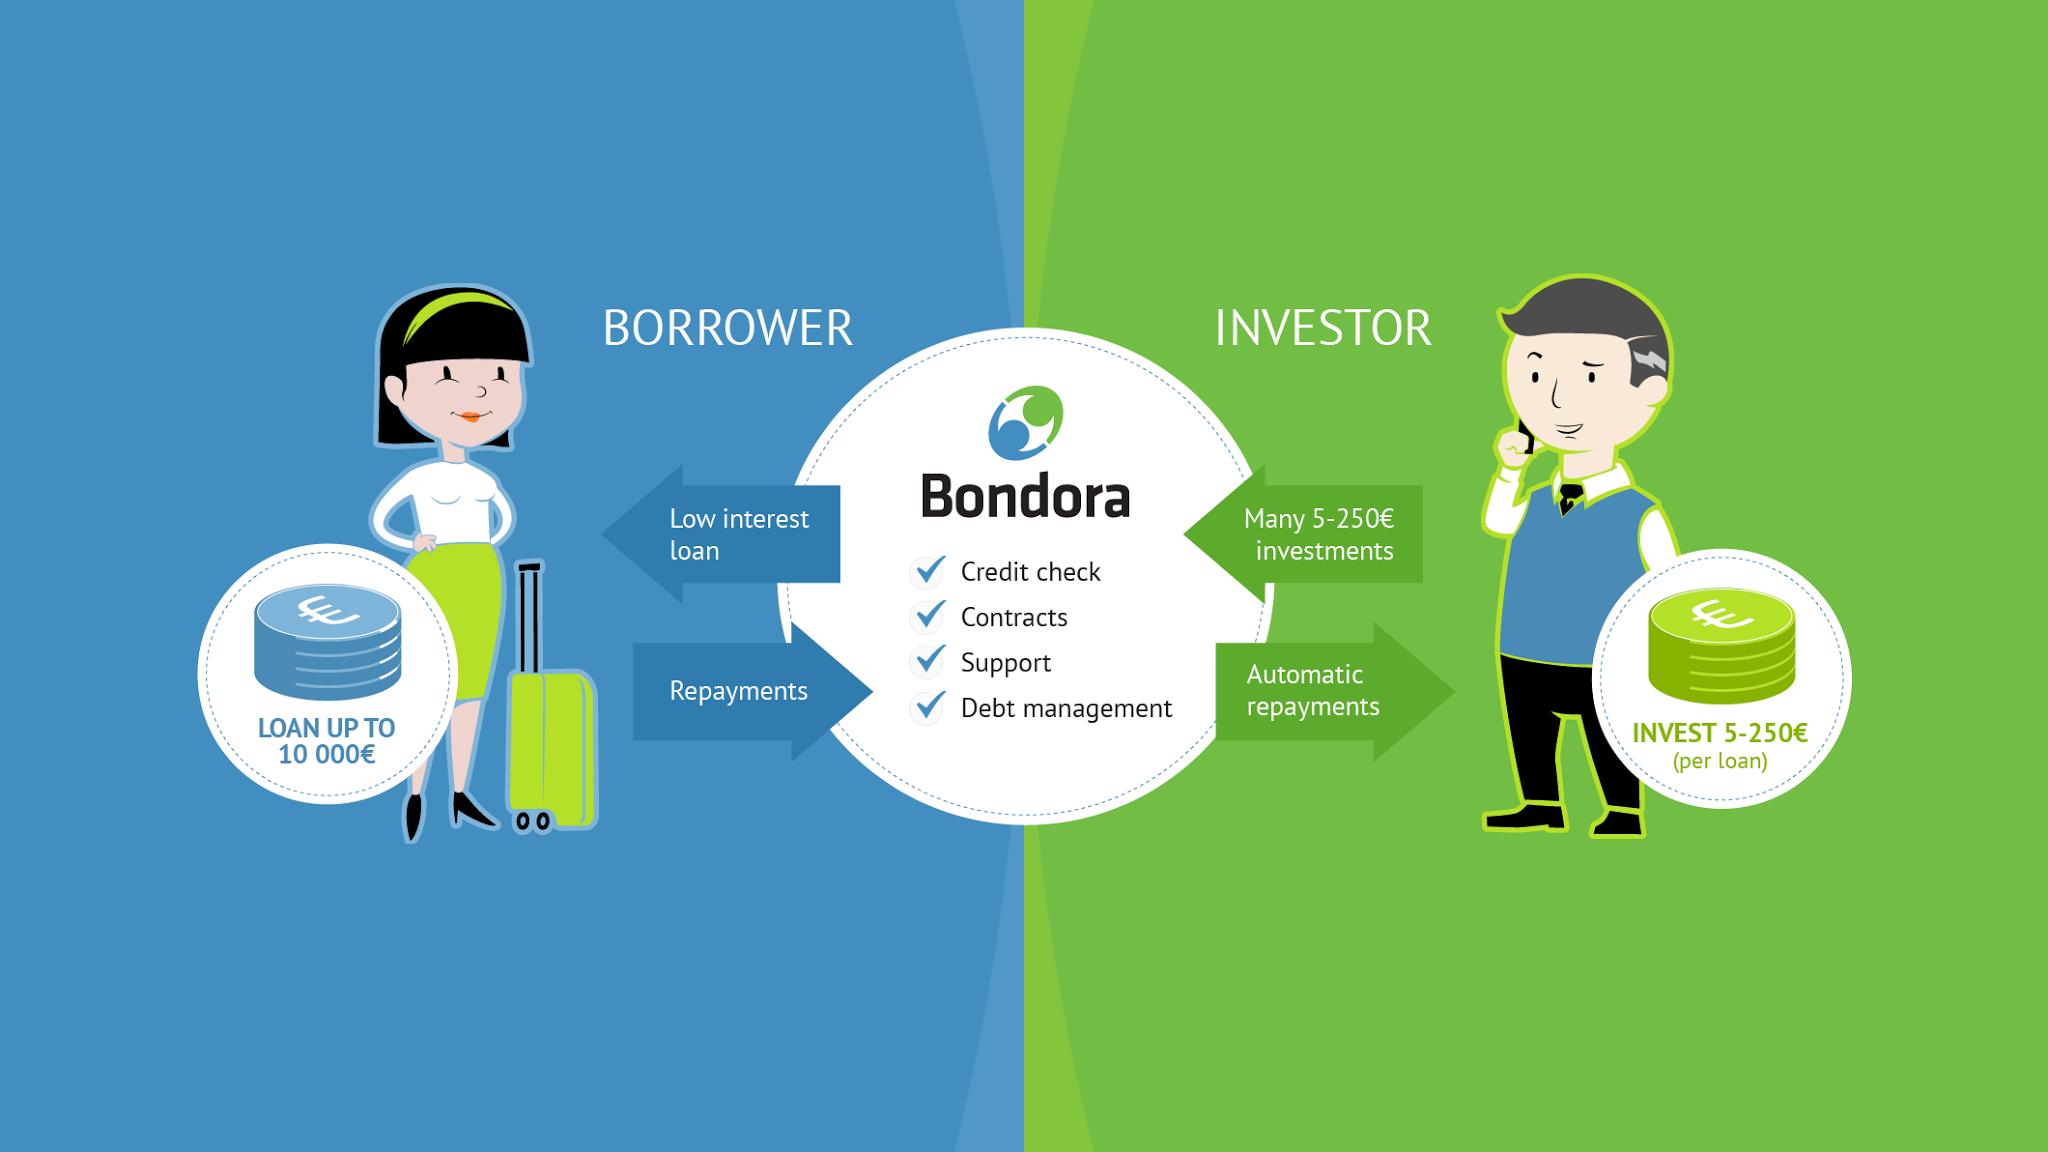 Bondora Revoluciona el Sector del Crowdfunding de Préstamos en España